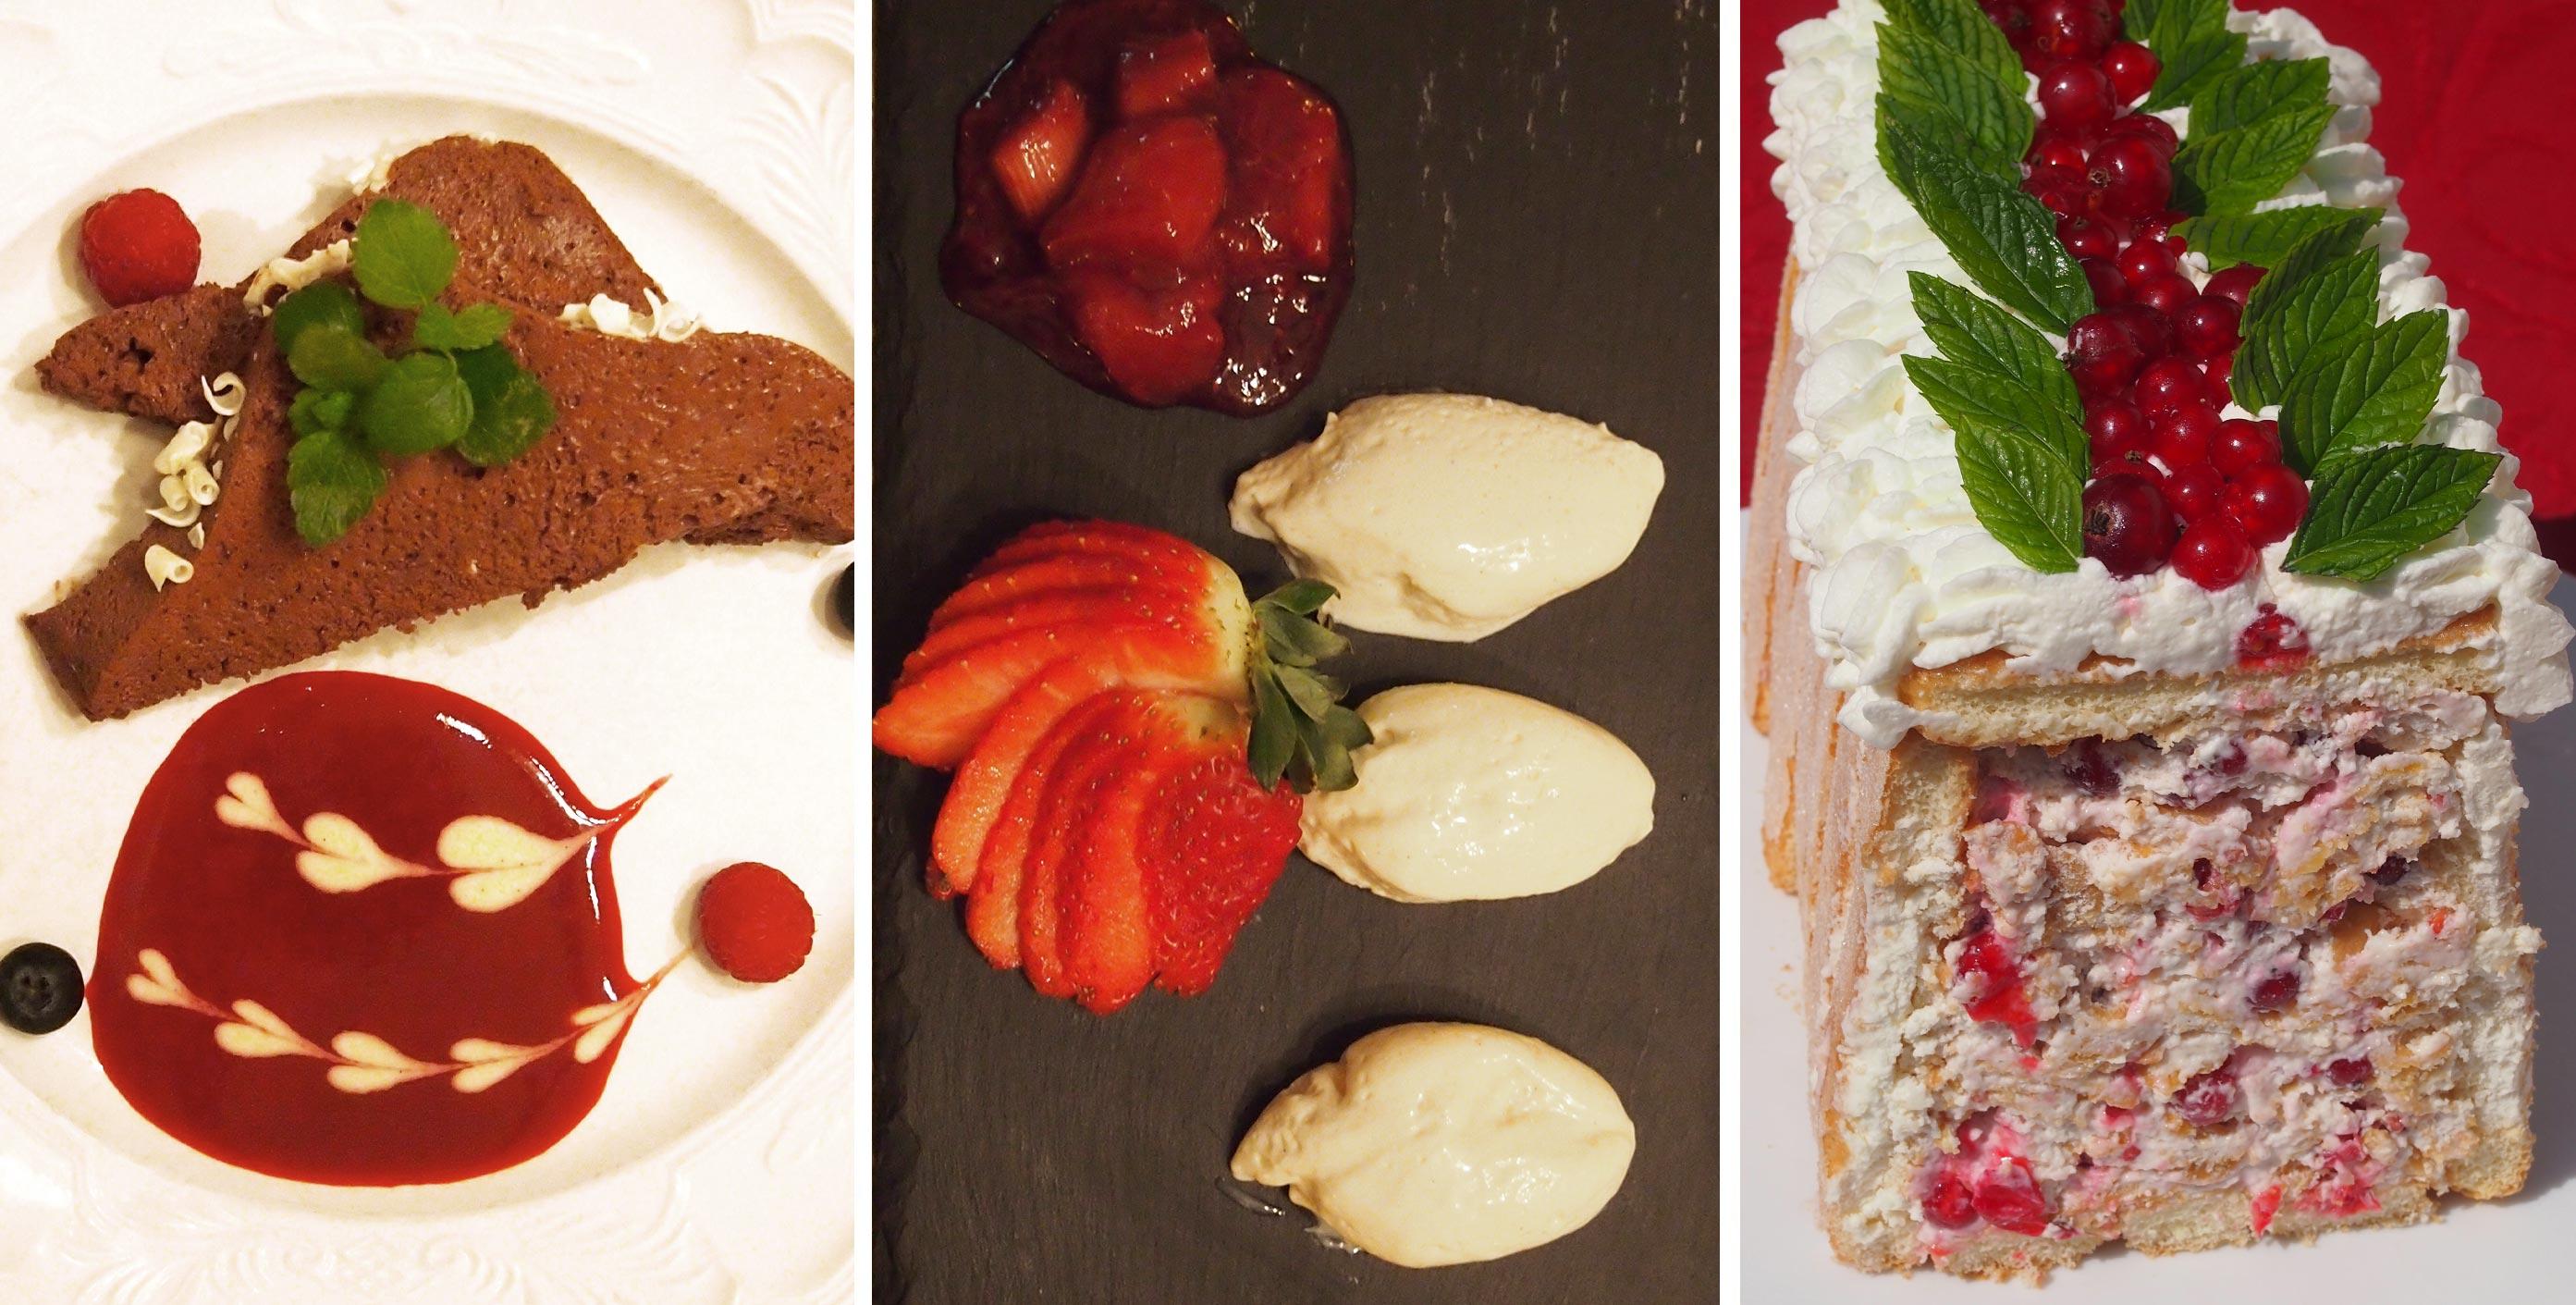 Hotel-Wiantersberg-Bad-Ems_Restaurant_Cafe_Kuchen_Speisen_Desserts2